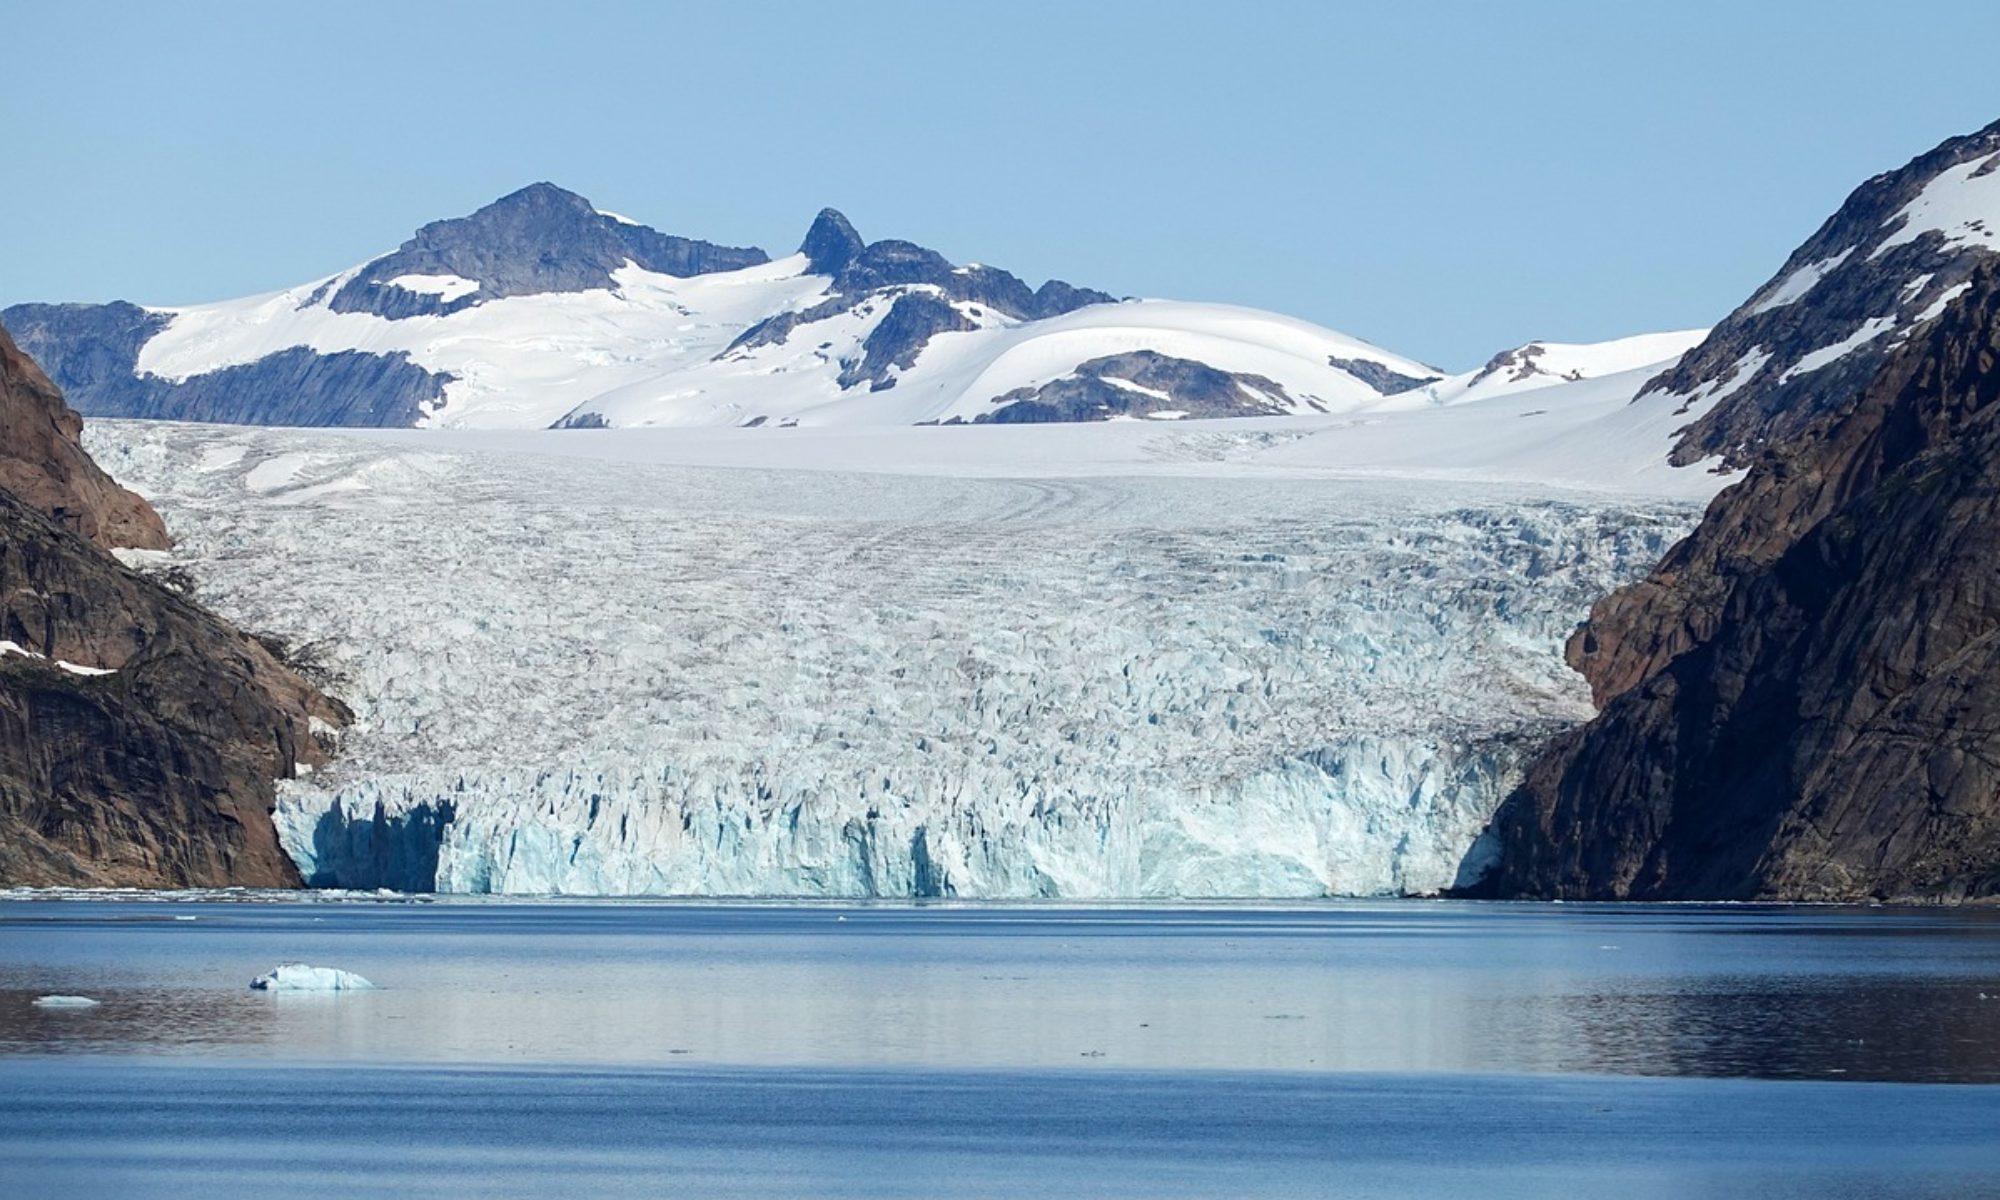 Der Salzblog - Noch einmal: Grönlandeis für Gerstungen